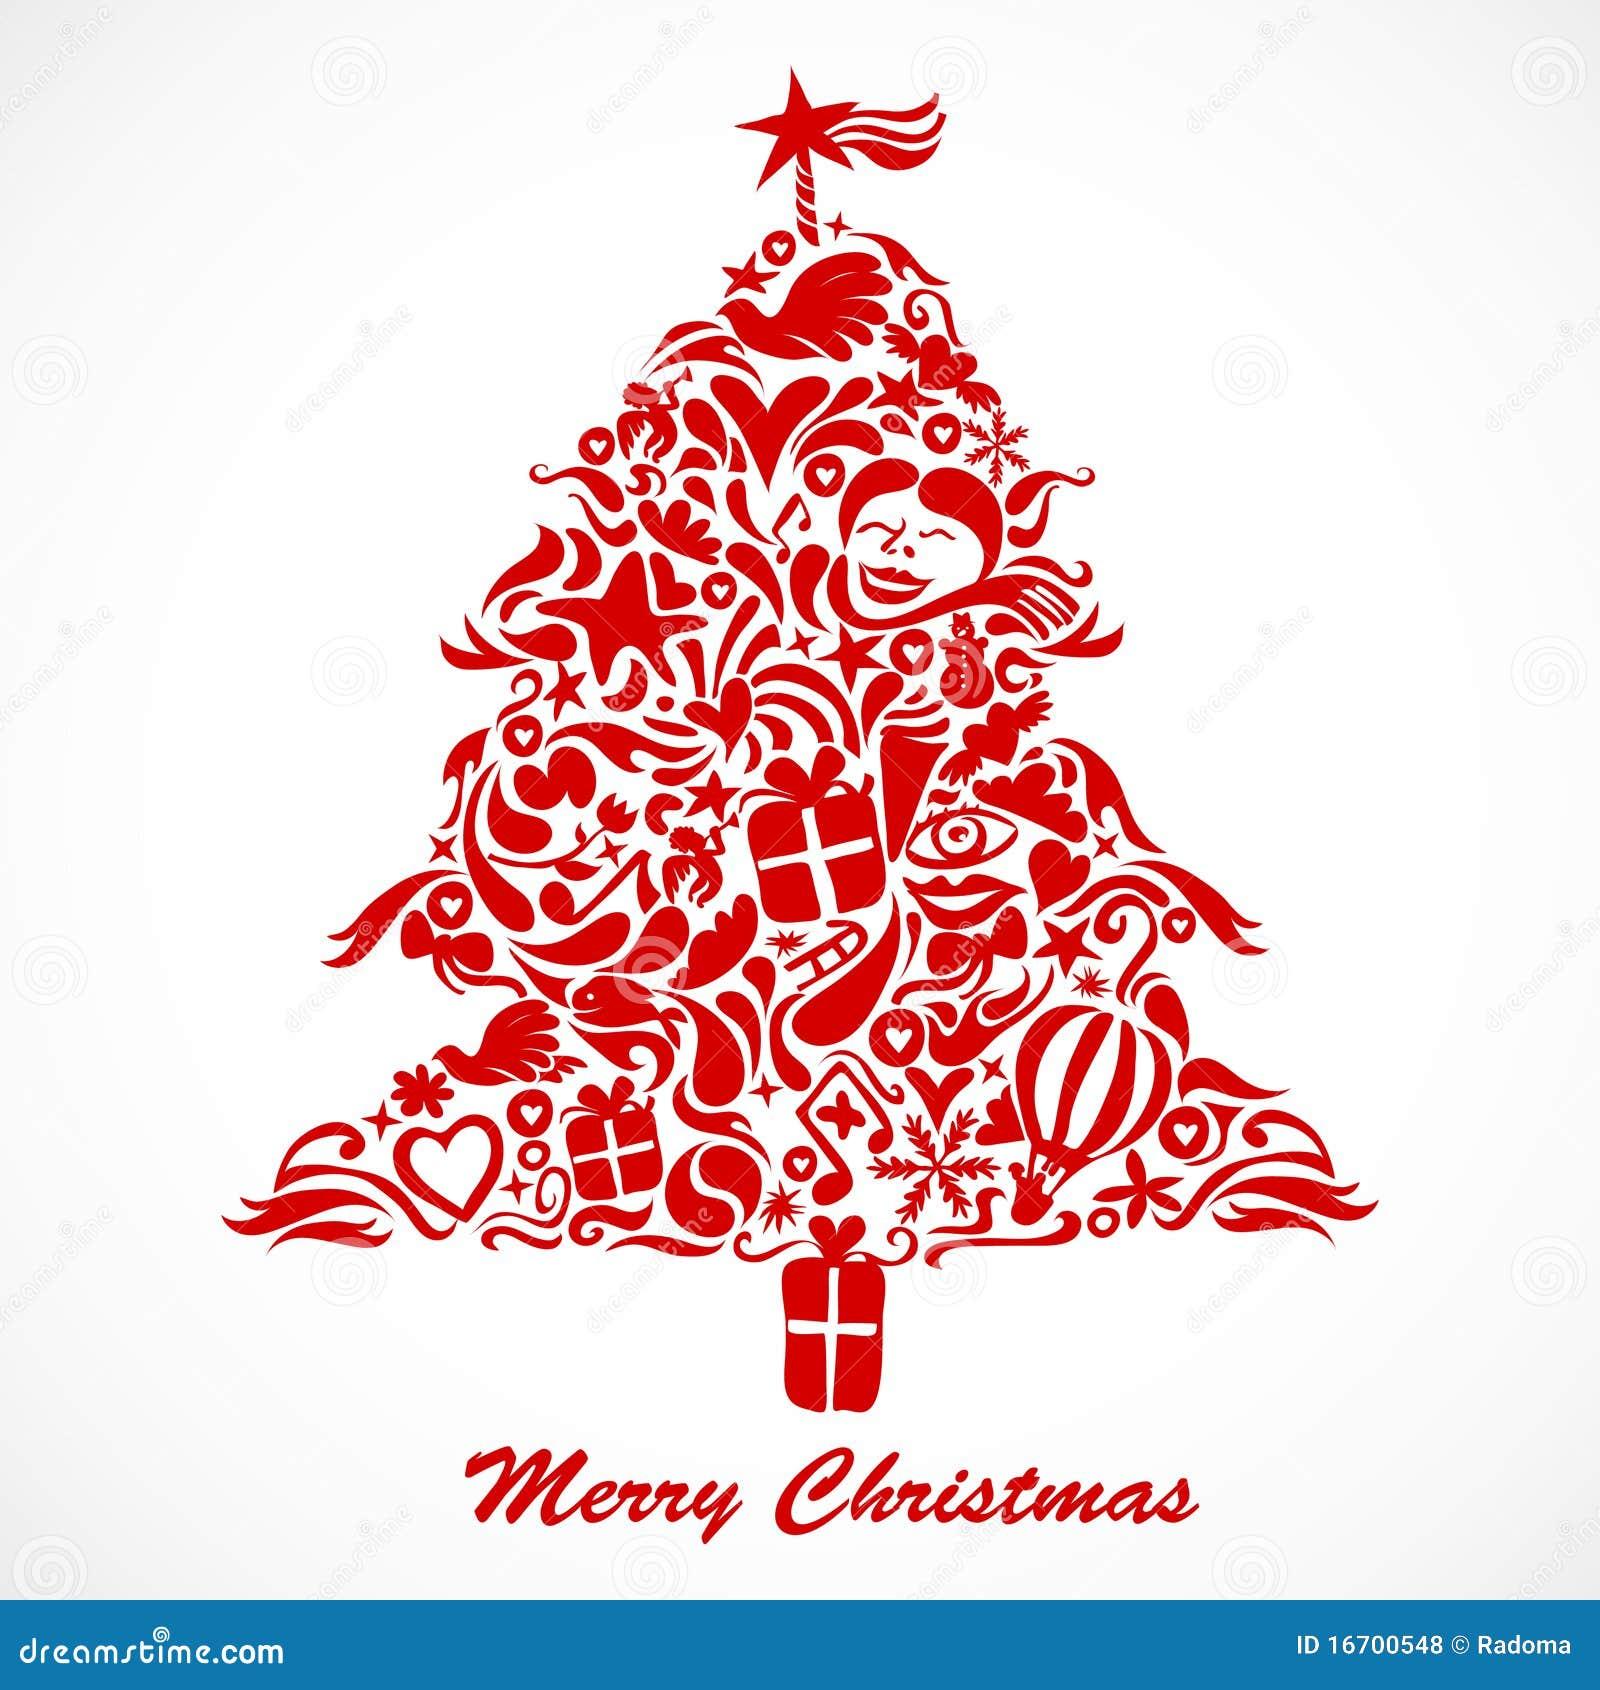 roter weihnachtsbaum vektor abbildung illustration von. Black Bedroom Furniture Sets. Home Design Ideas